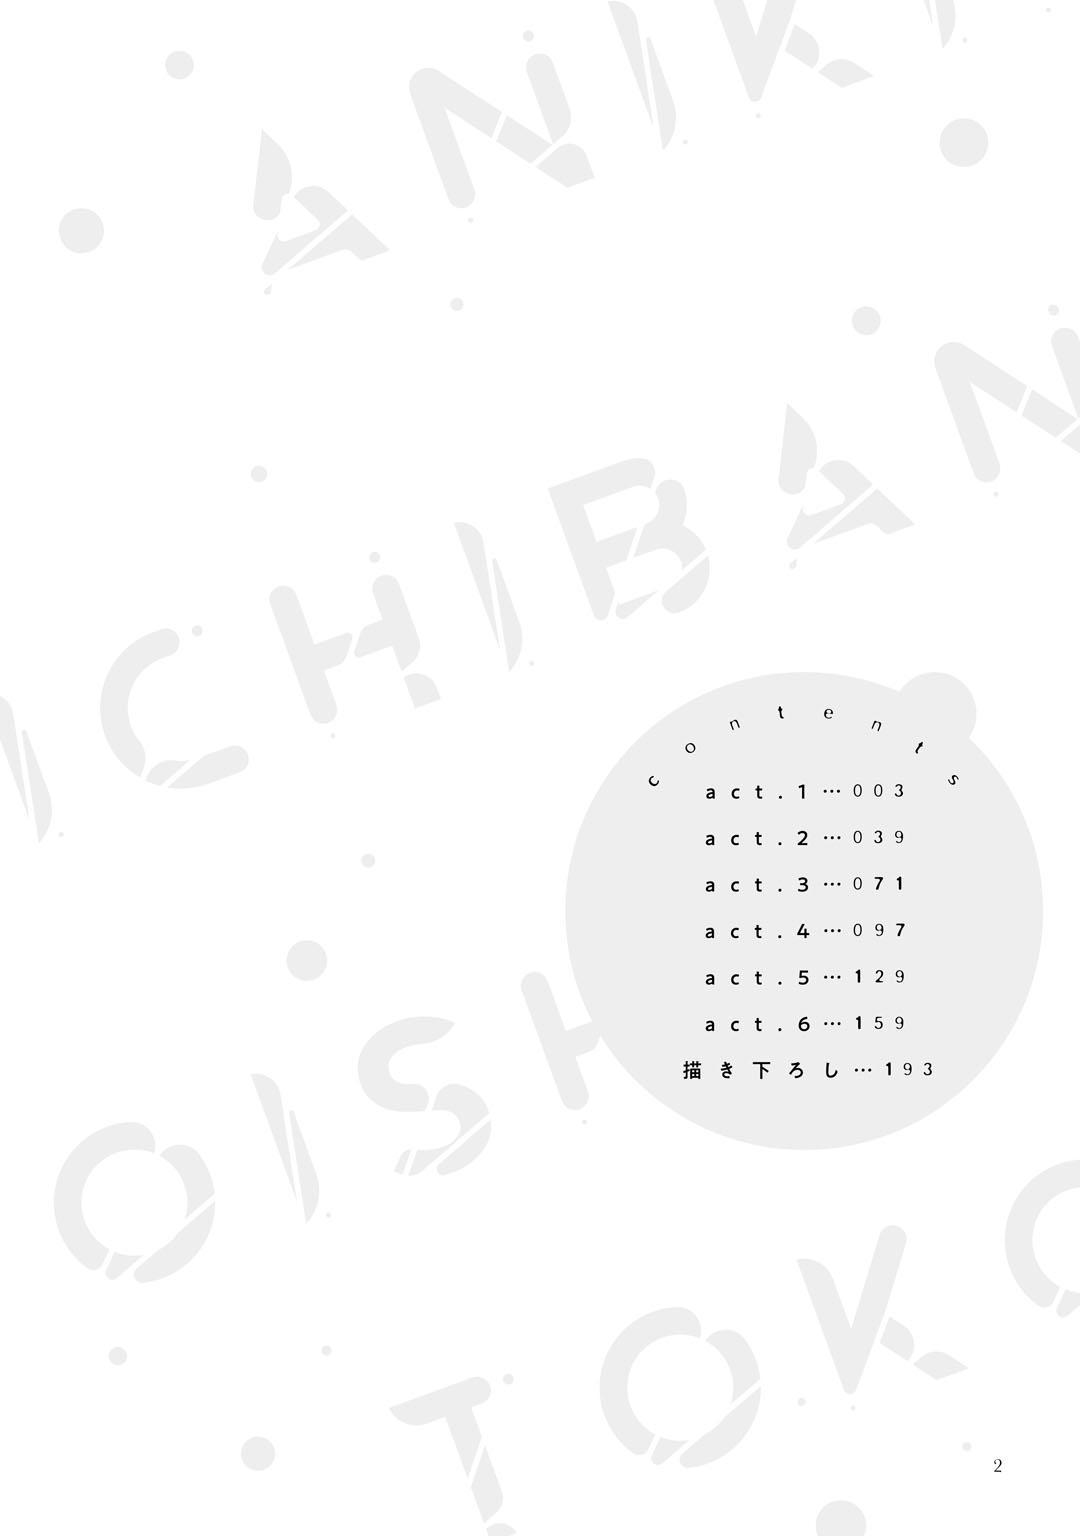 Aniki no ichiban Oishii Tokoro   老哥最可口的部位 act.1 3